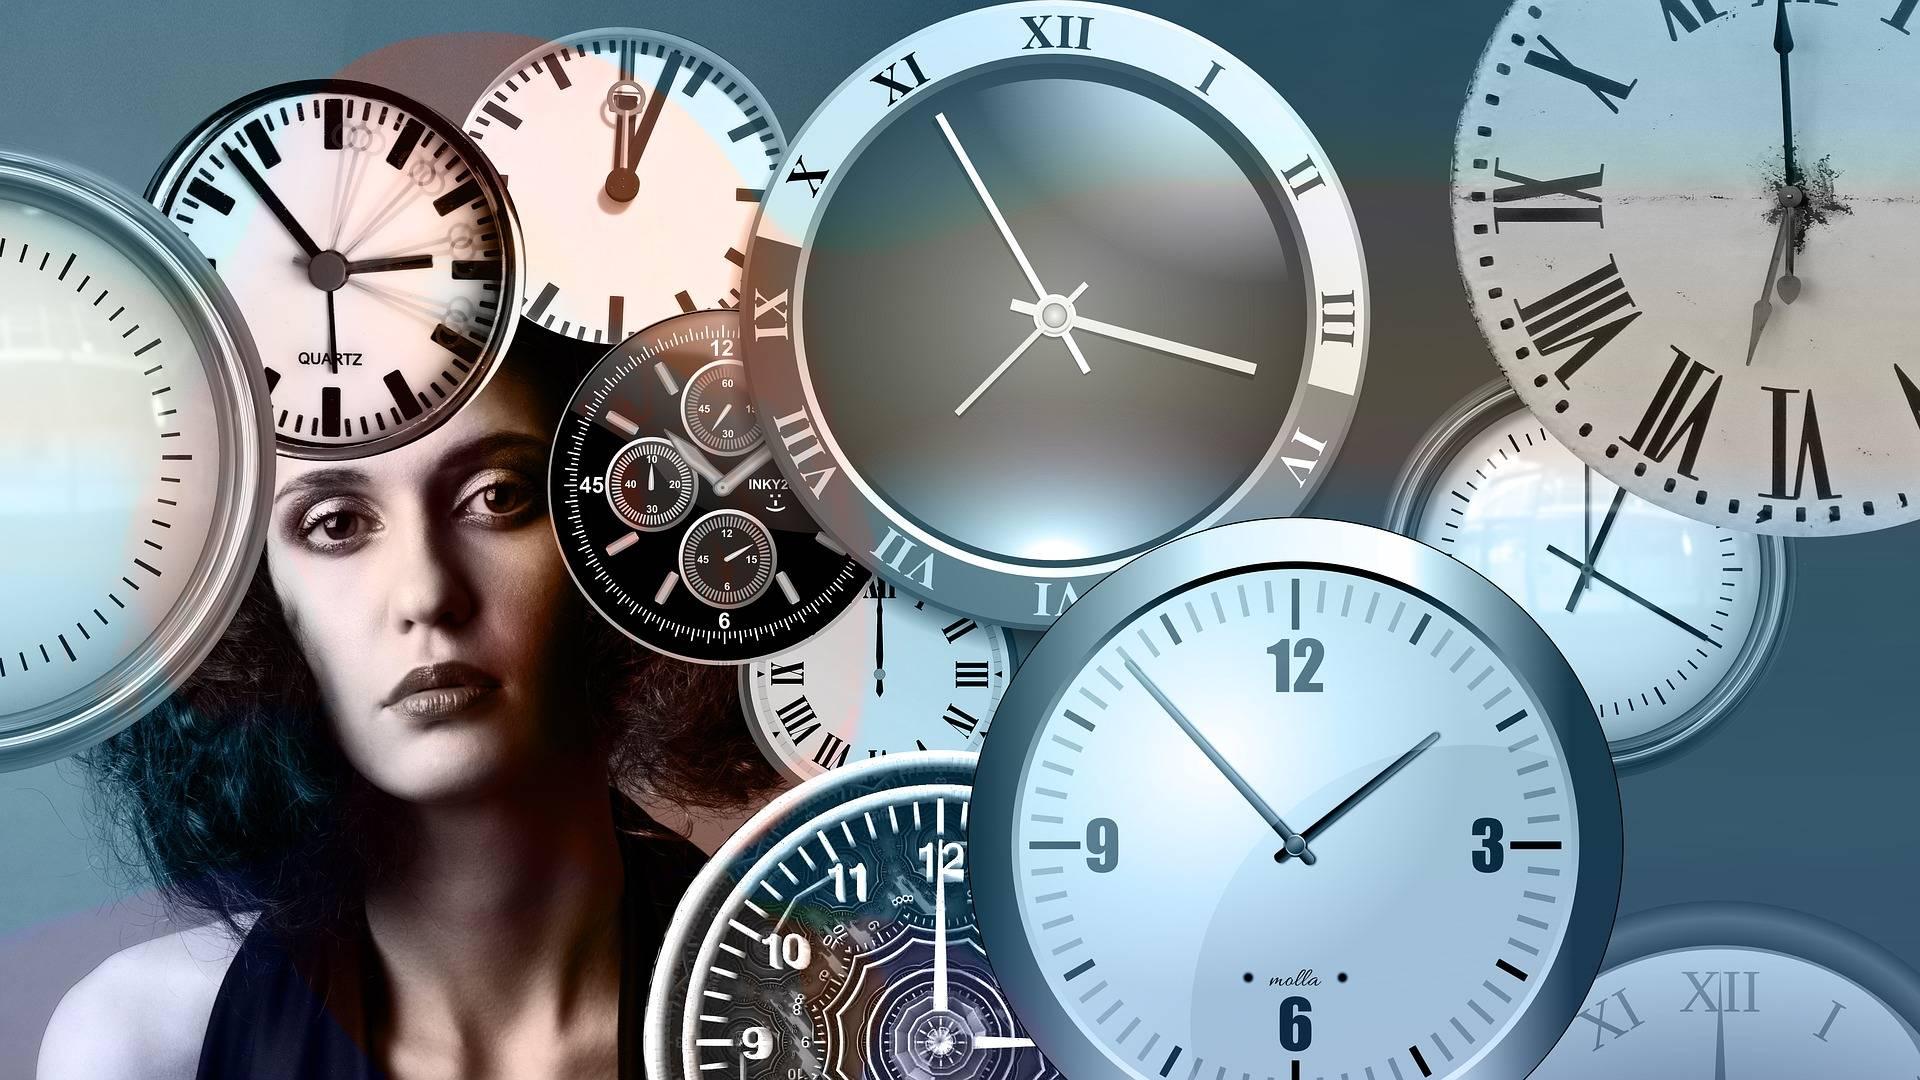 Nemít čas je nemoc